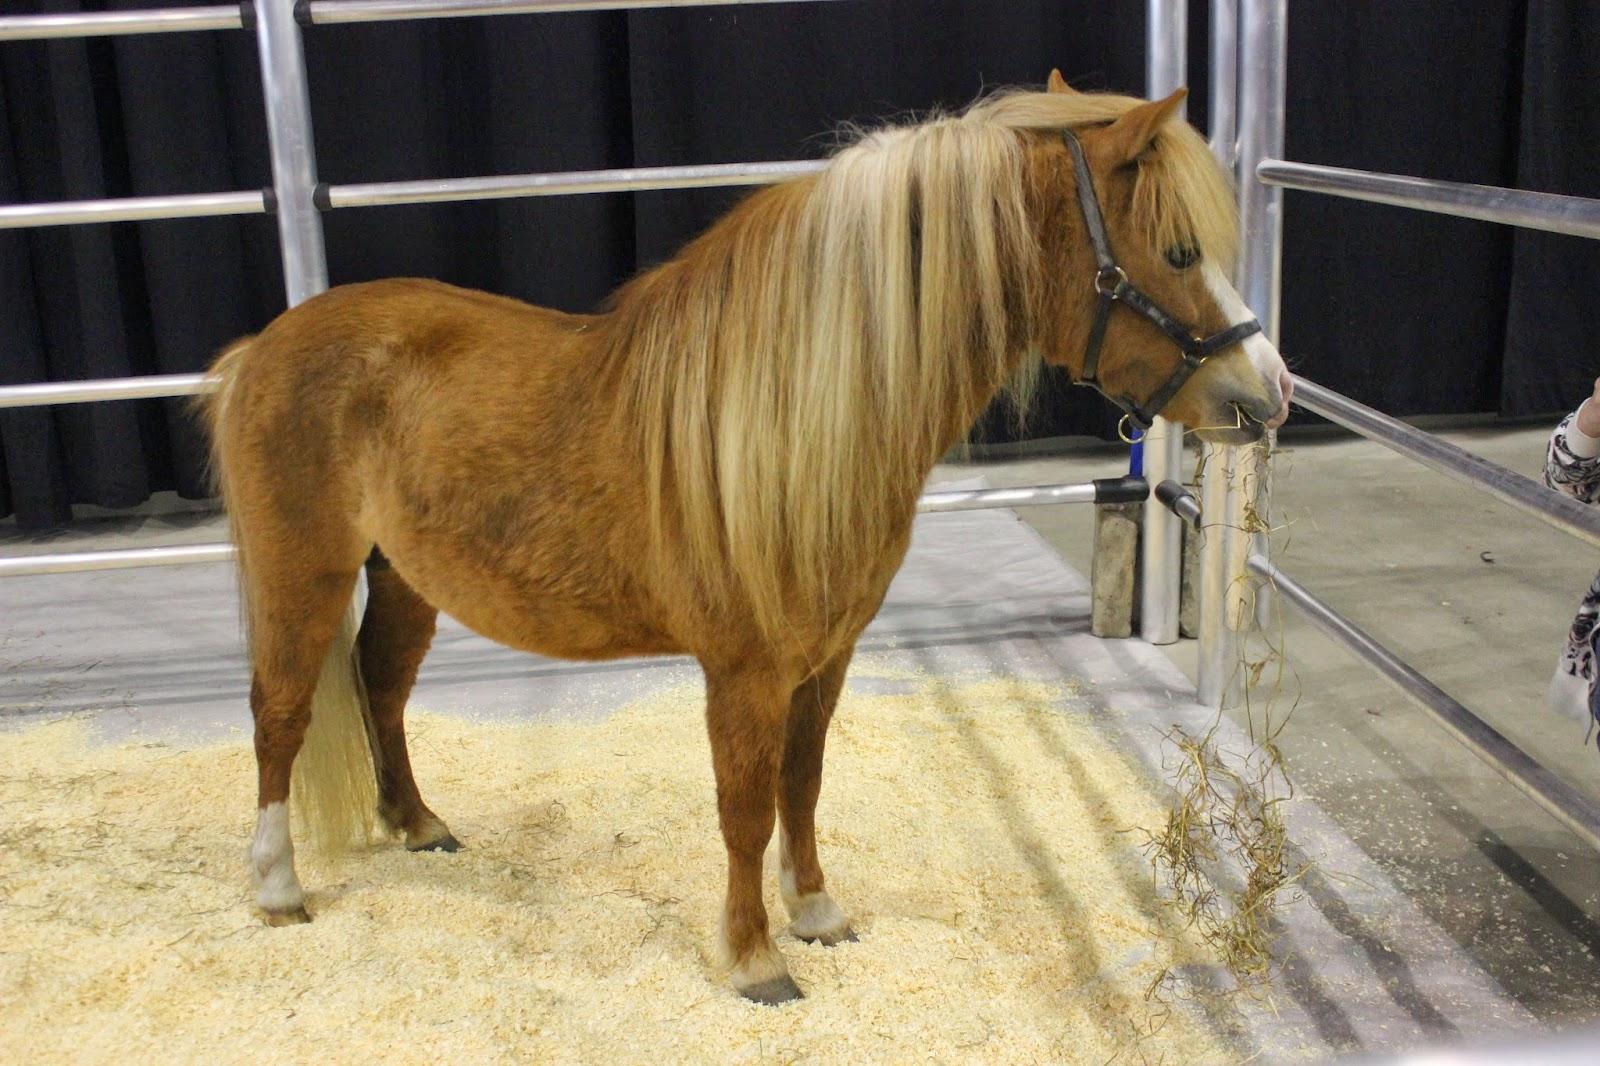 Syntynyt satulaan: Tampereen hevosmessut!